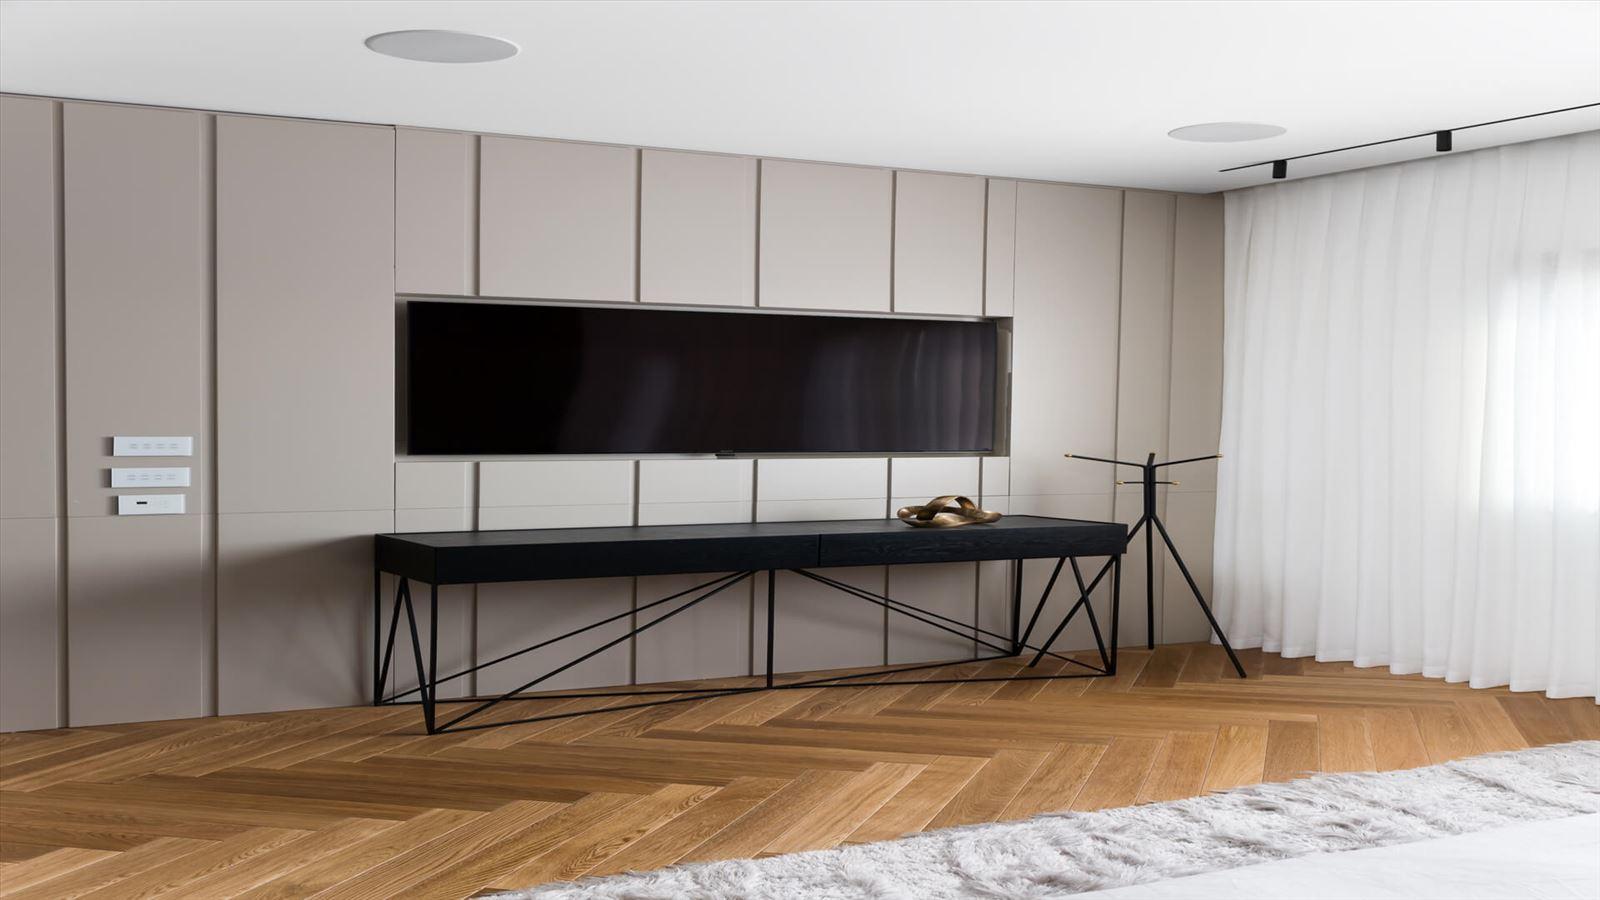 Penthouse Carmelit - עיצוב תאורת הבית על ידי קמחי תאורה